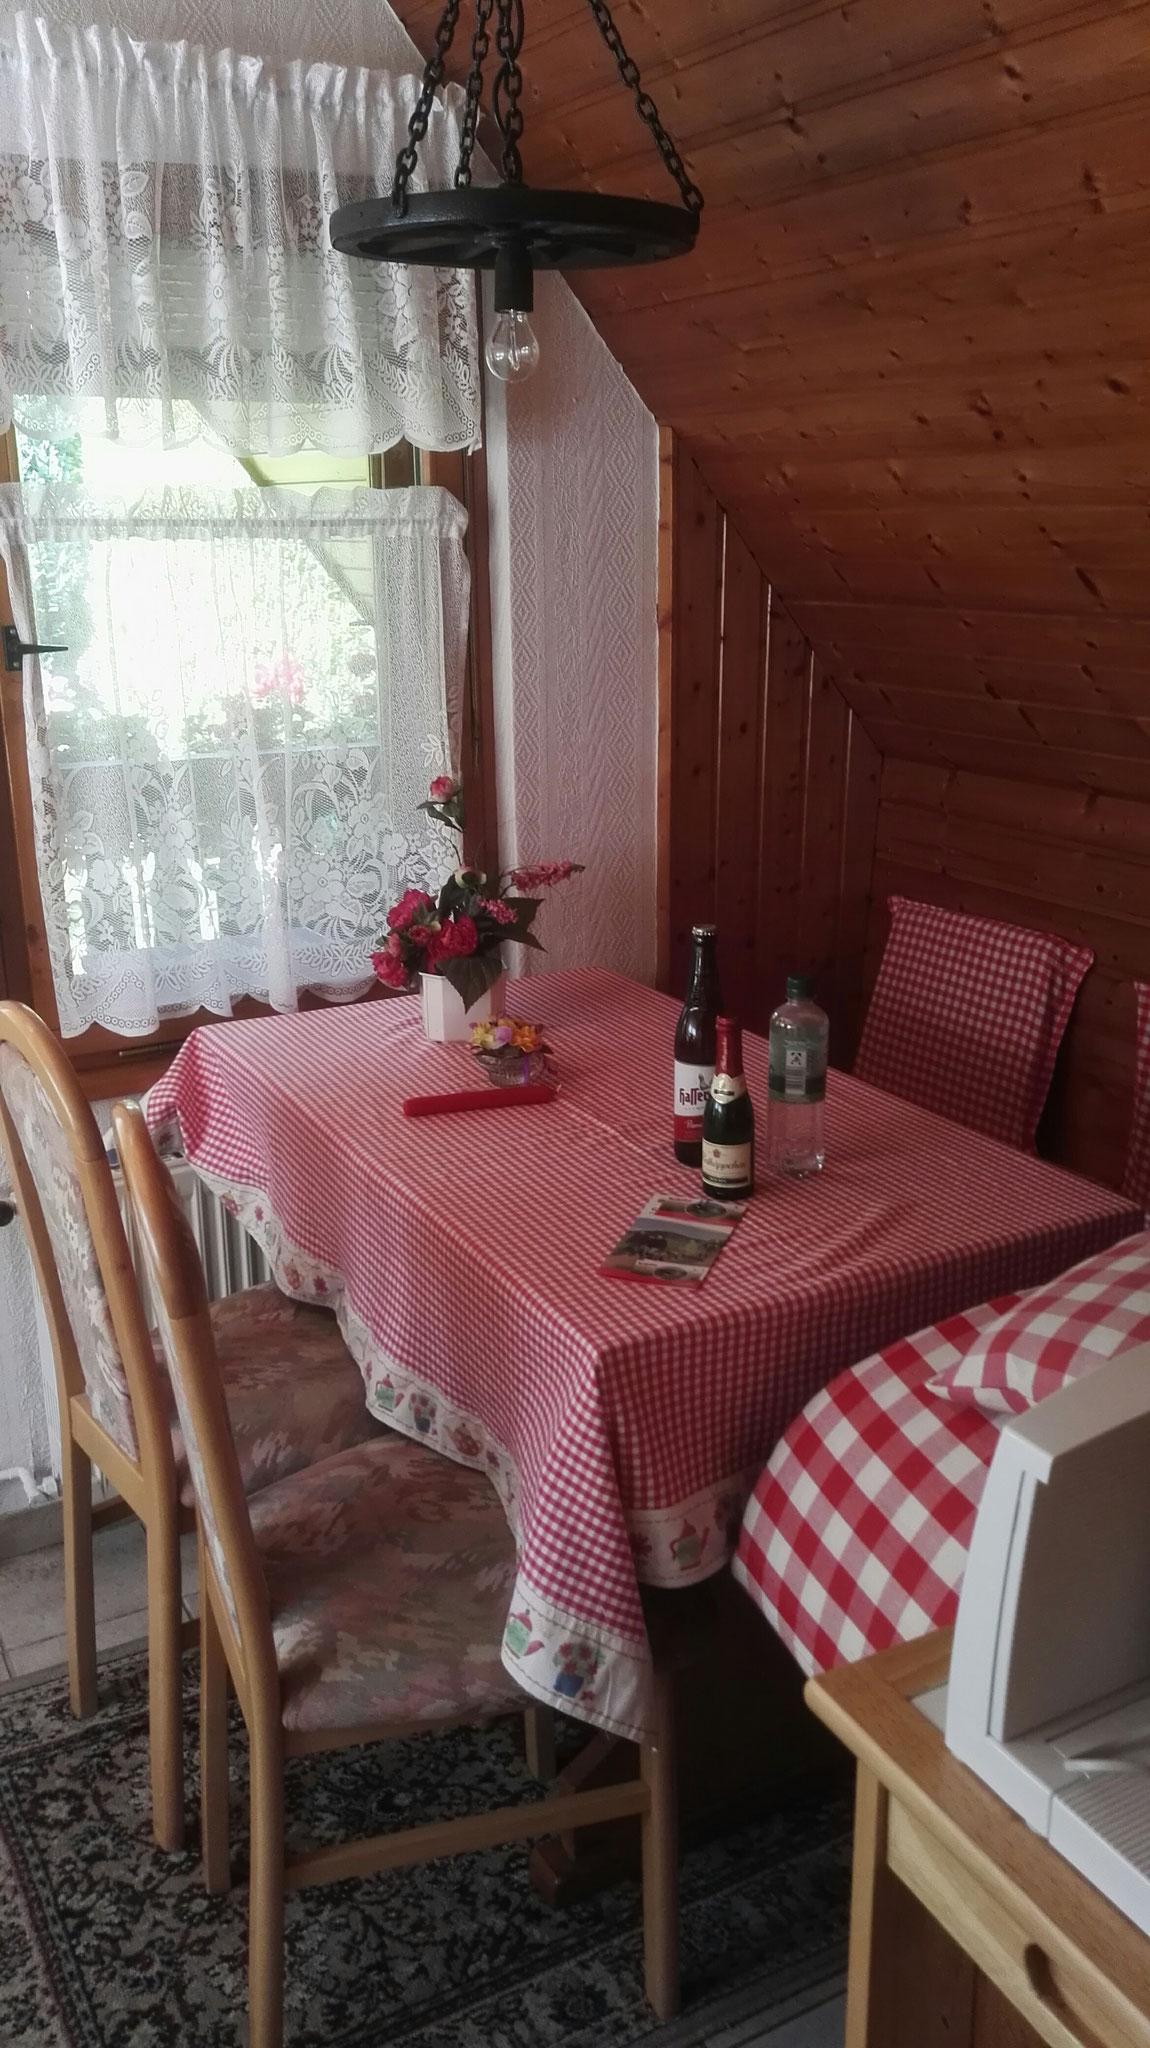 Die Sitzecke in der Küche des Ferienhauses.